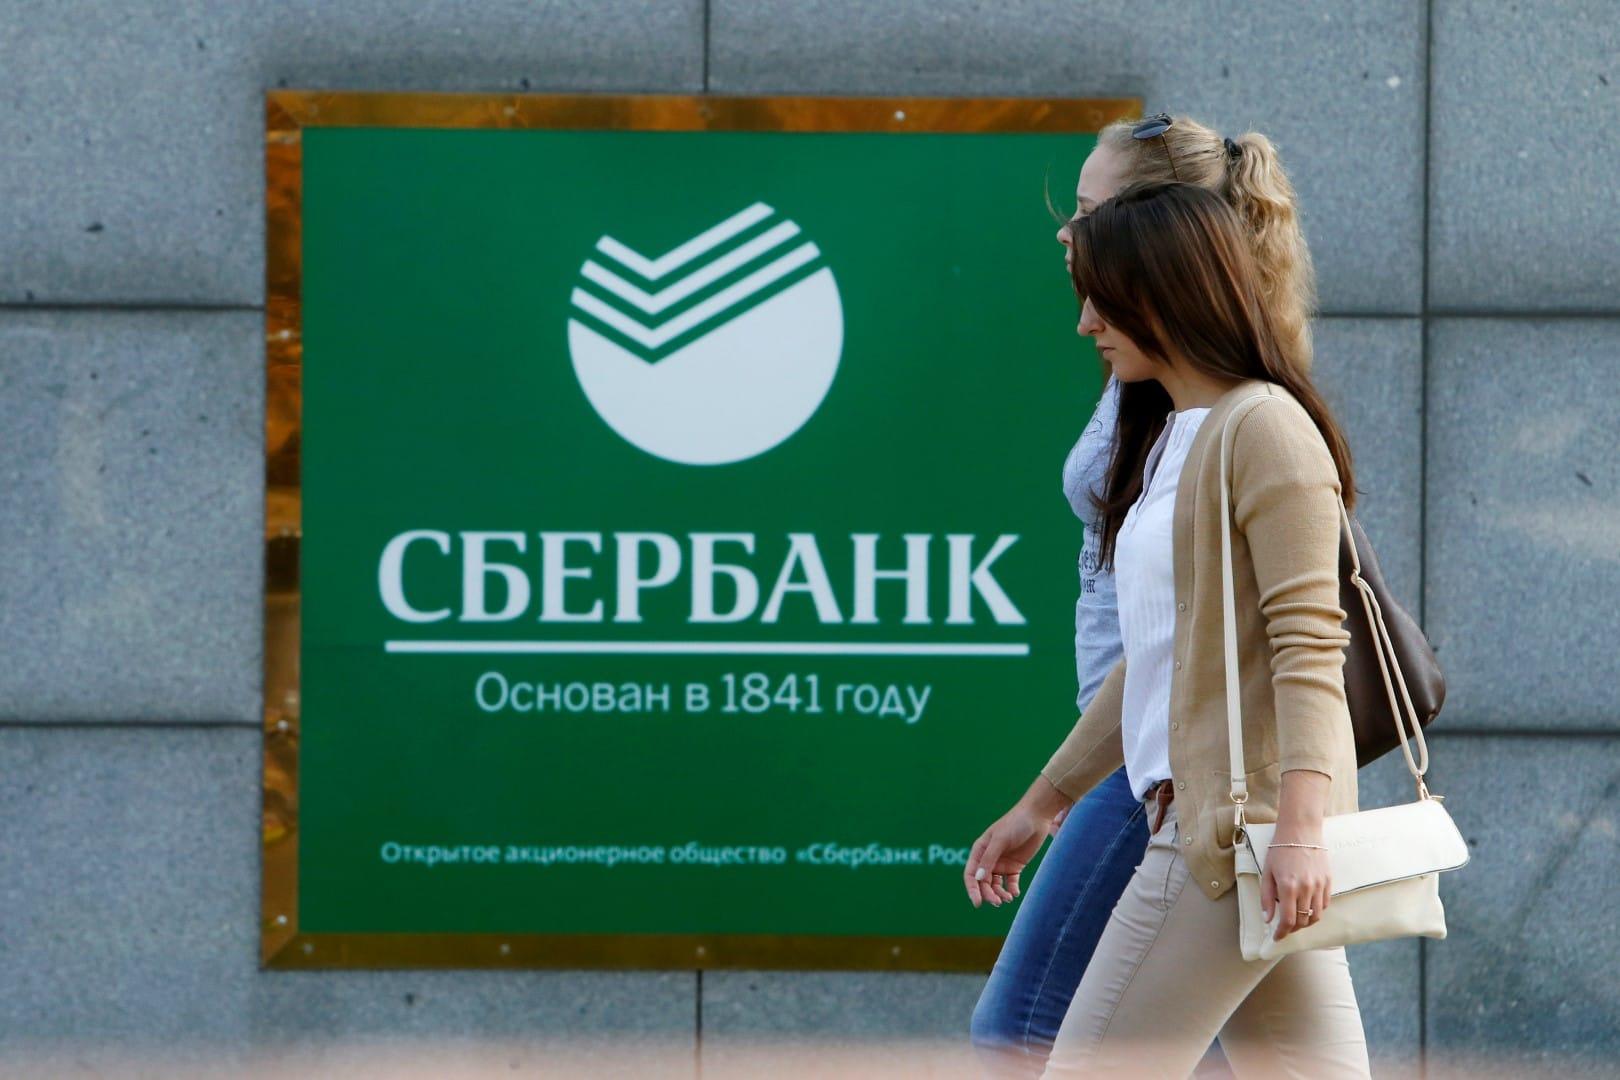 Особый вклад на день рождение «Сбербанка»: тысячи россиян сделали удачное вложение средств